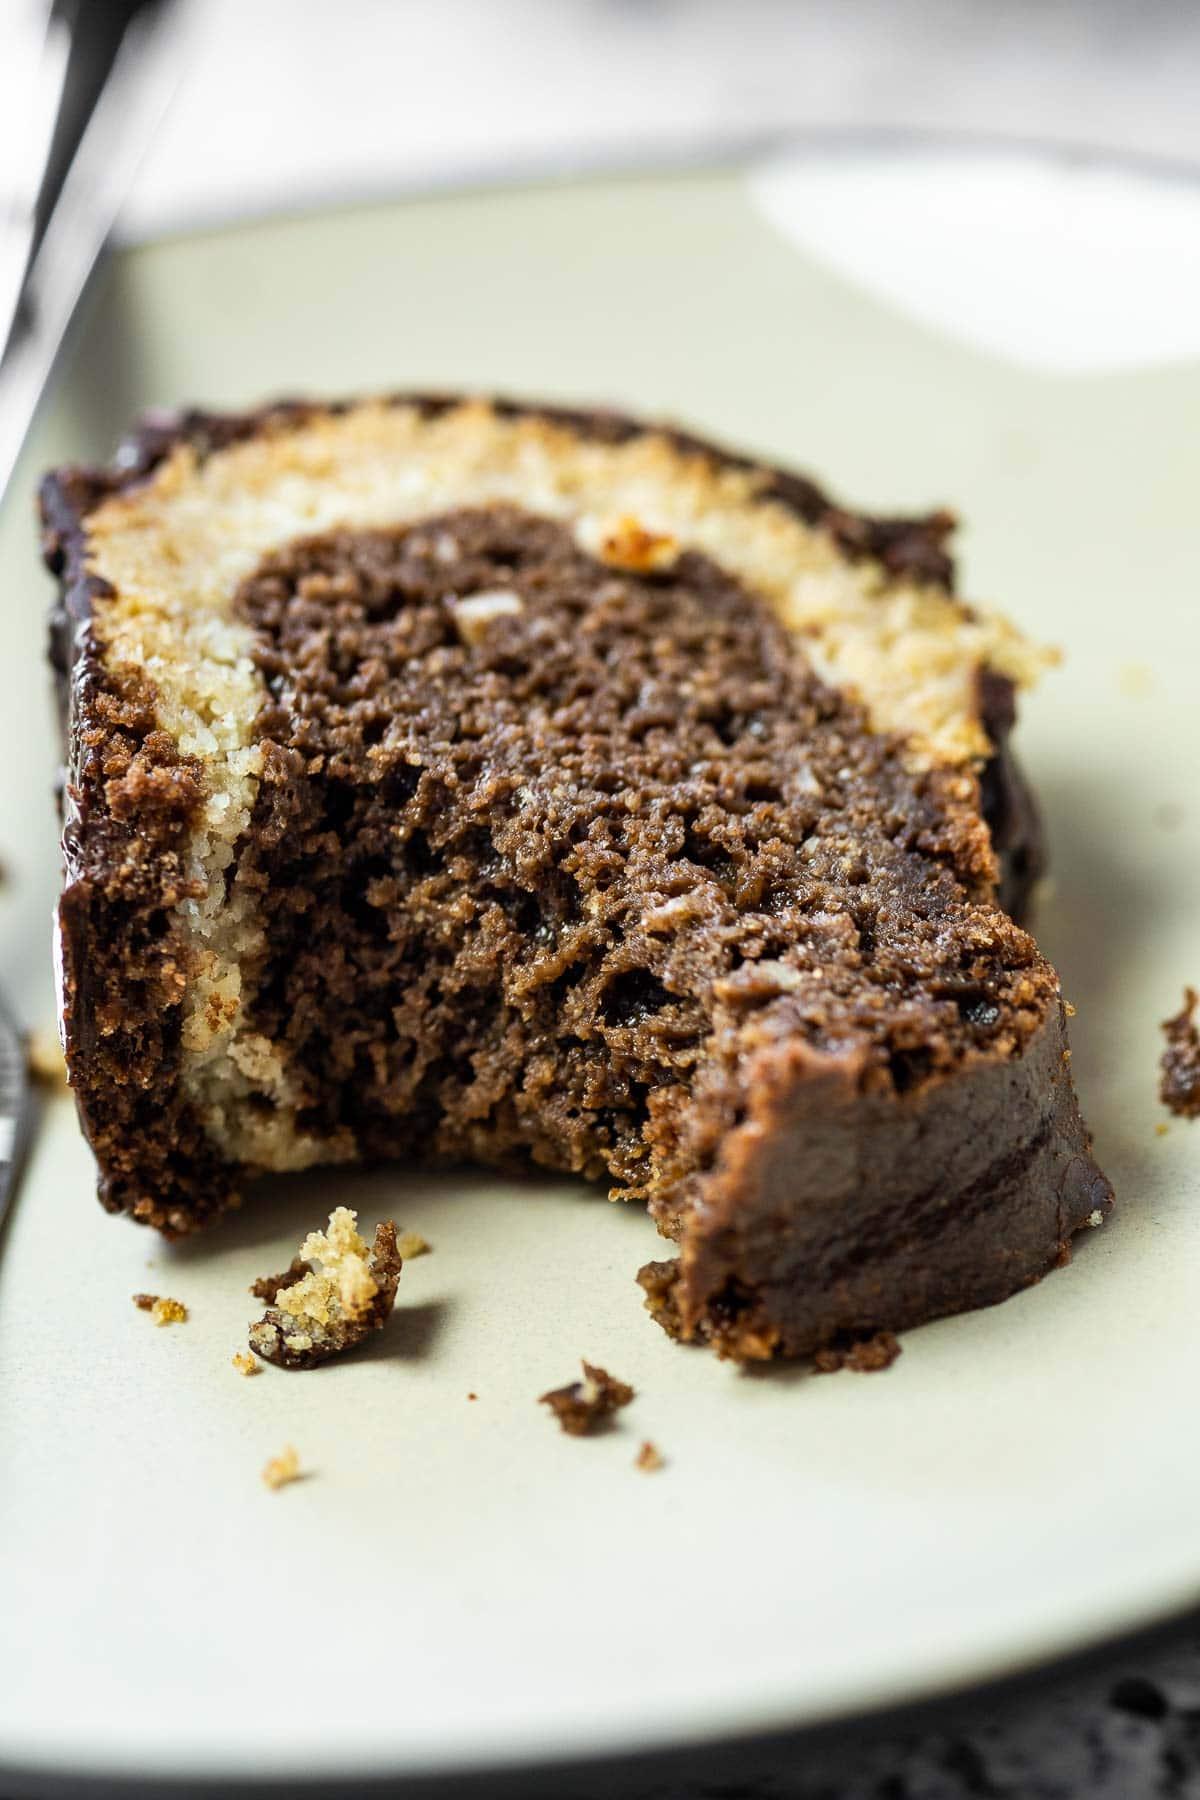 Ein Stück veganer Marmorkuchen auf einem Teller mit einem fehlenden Biss